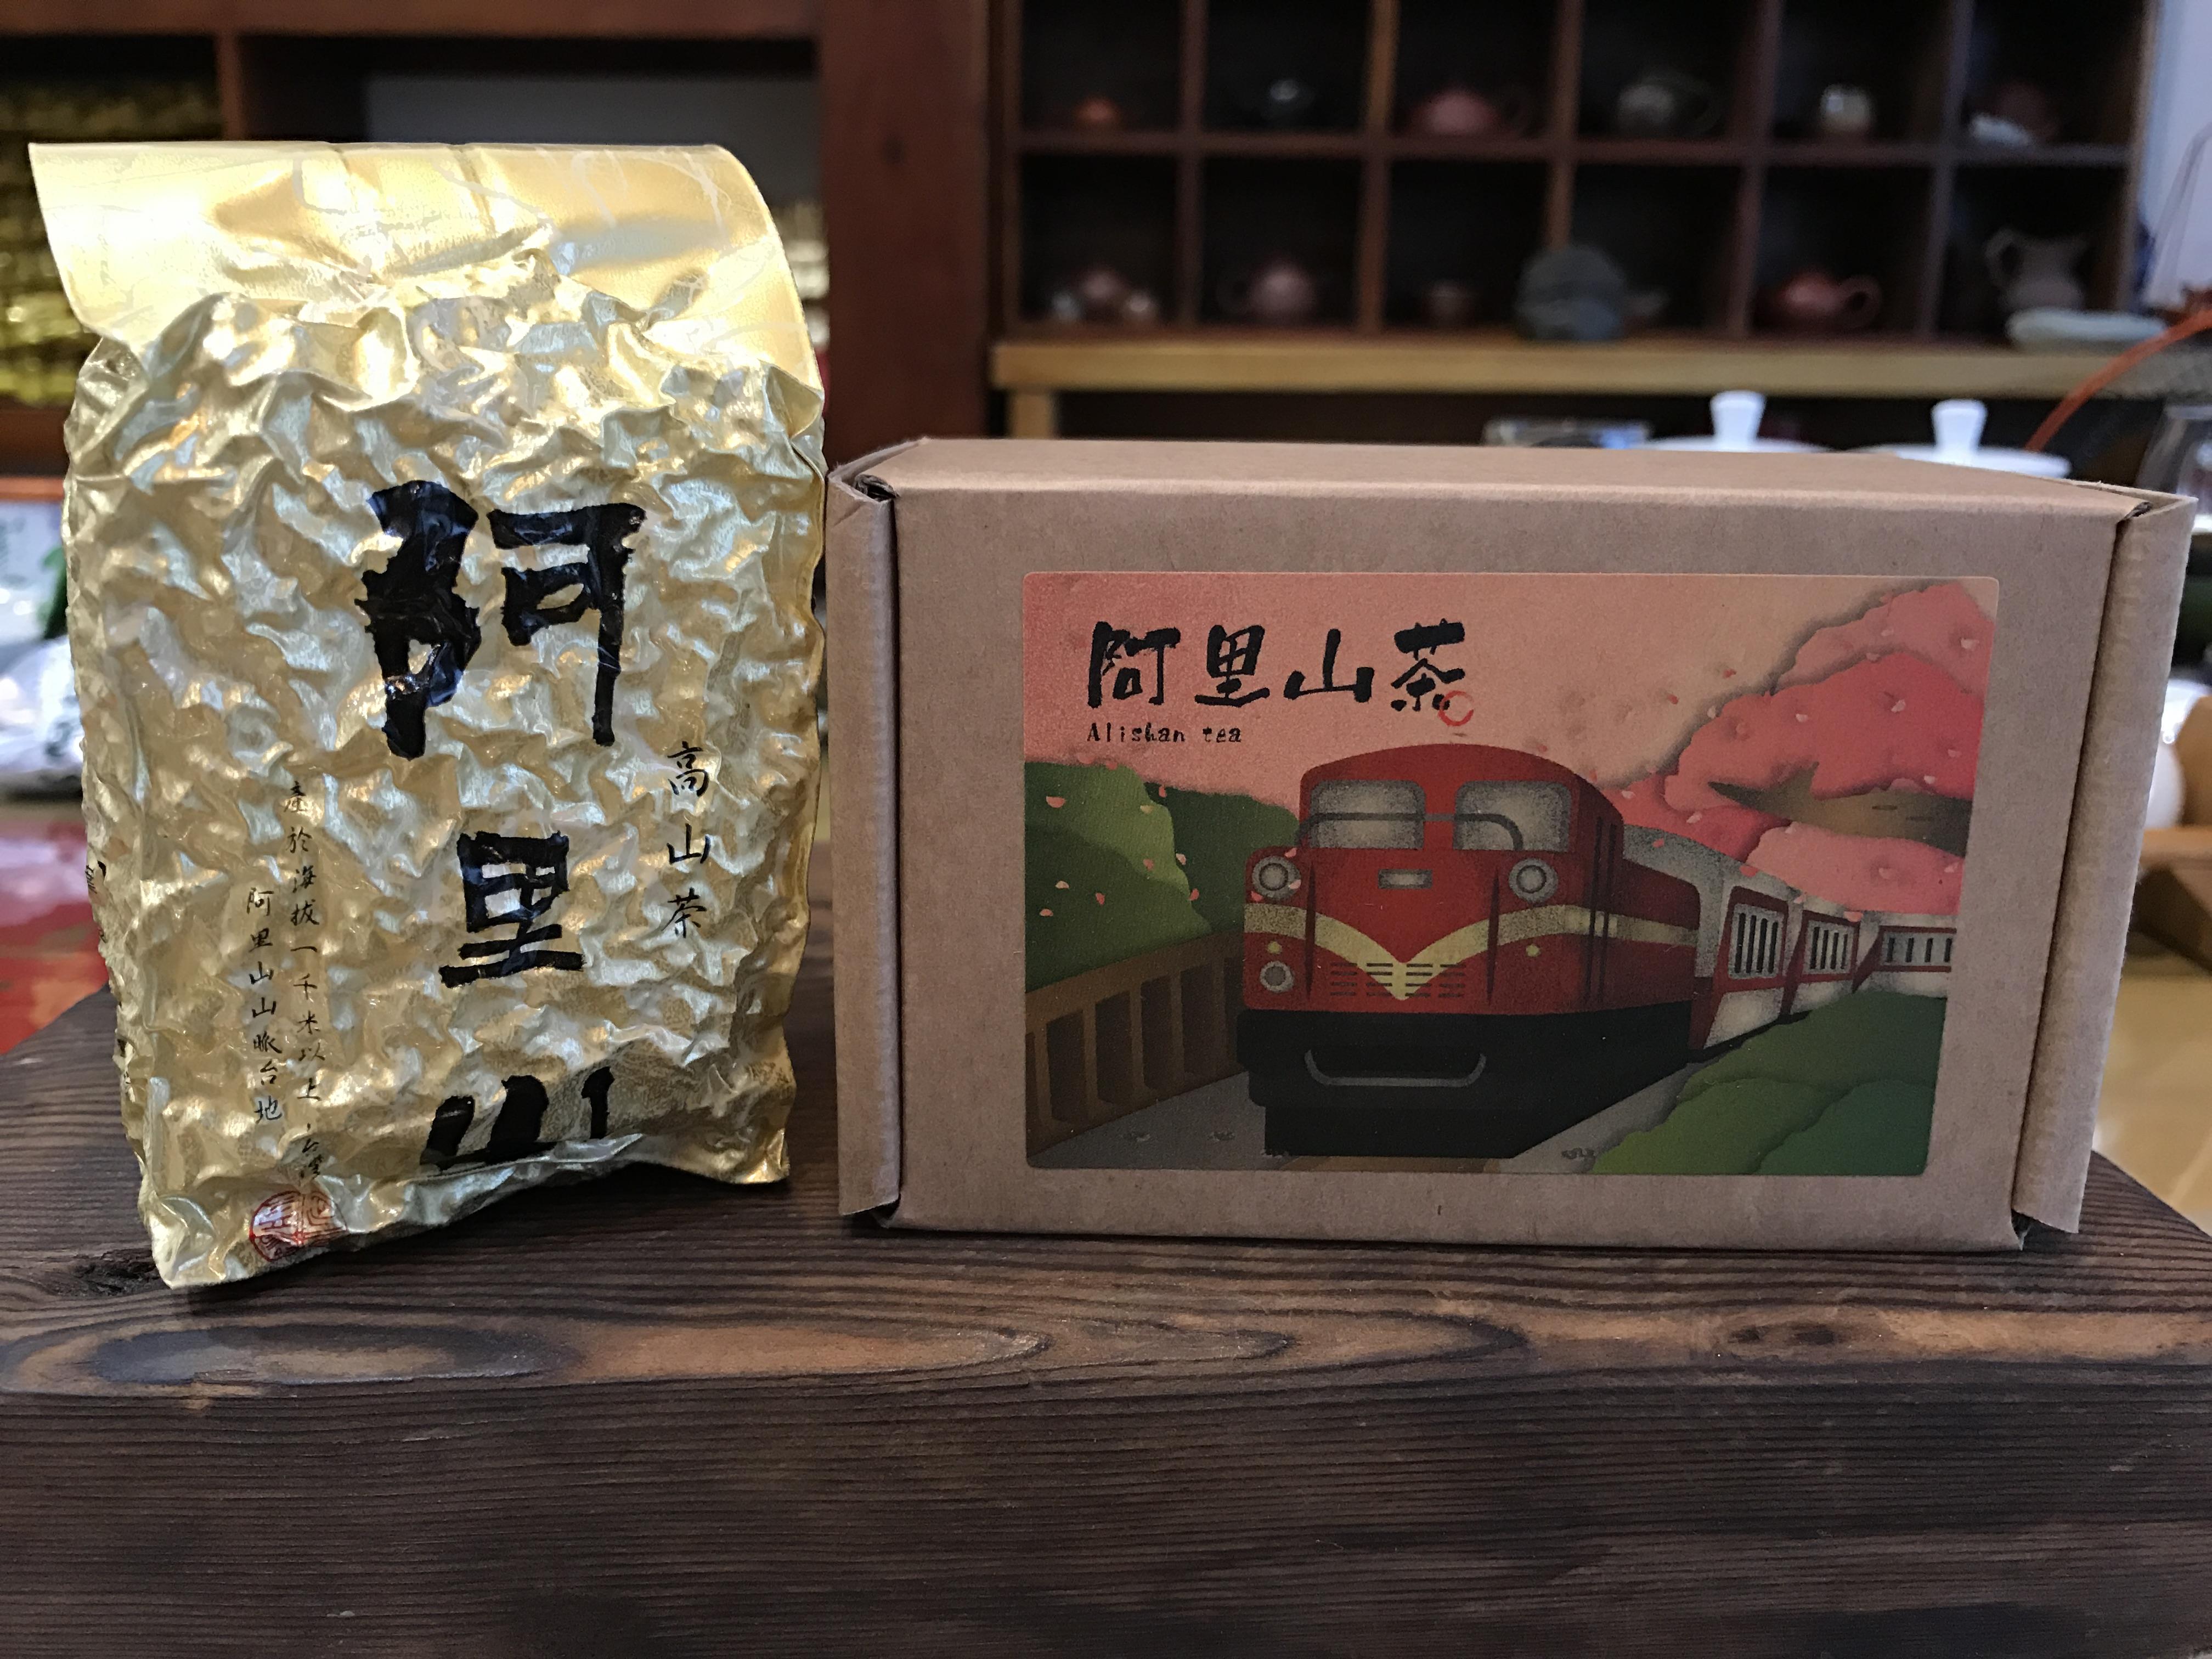 正宗台湾原装进口阿里山茶高冷茶 -台湾高山茶叶 乌龙茶清香型新